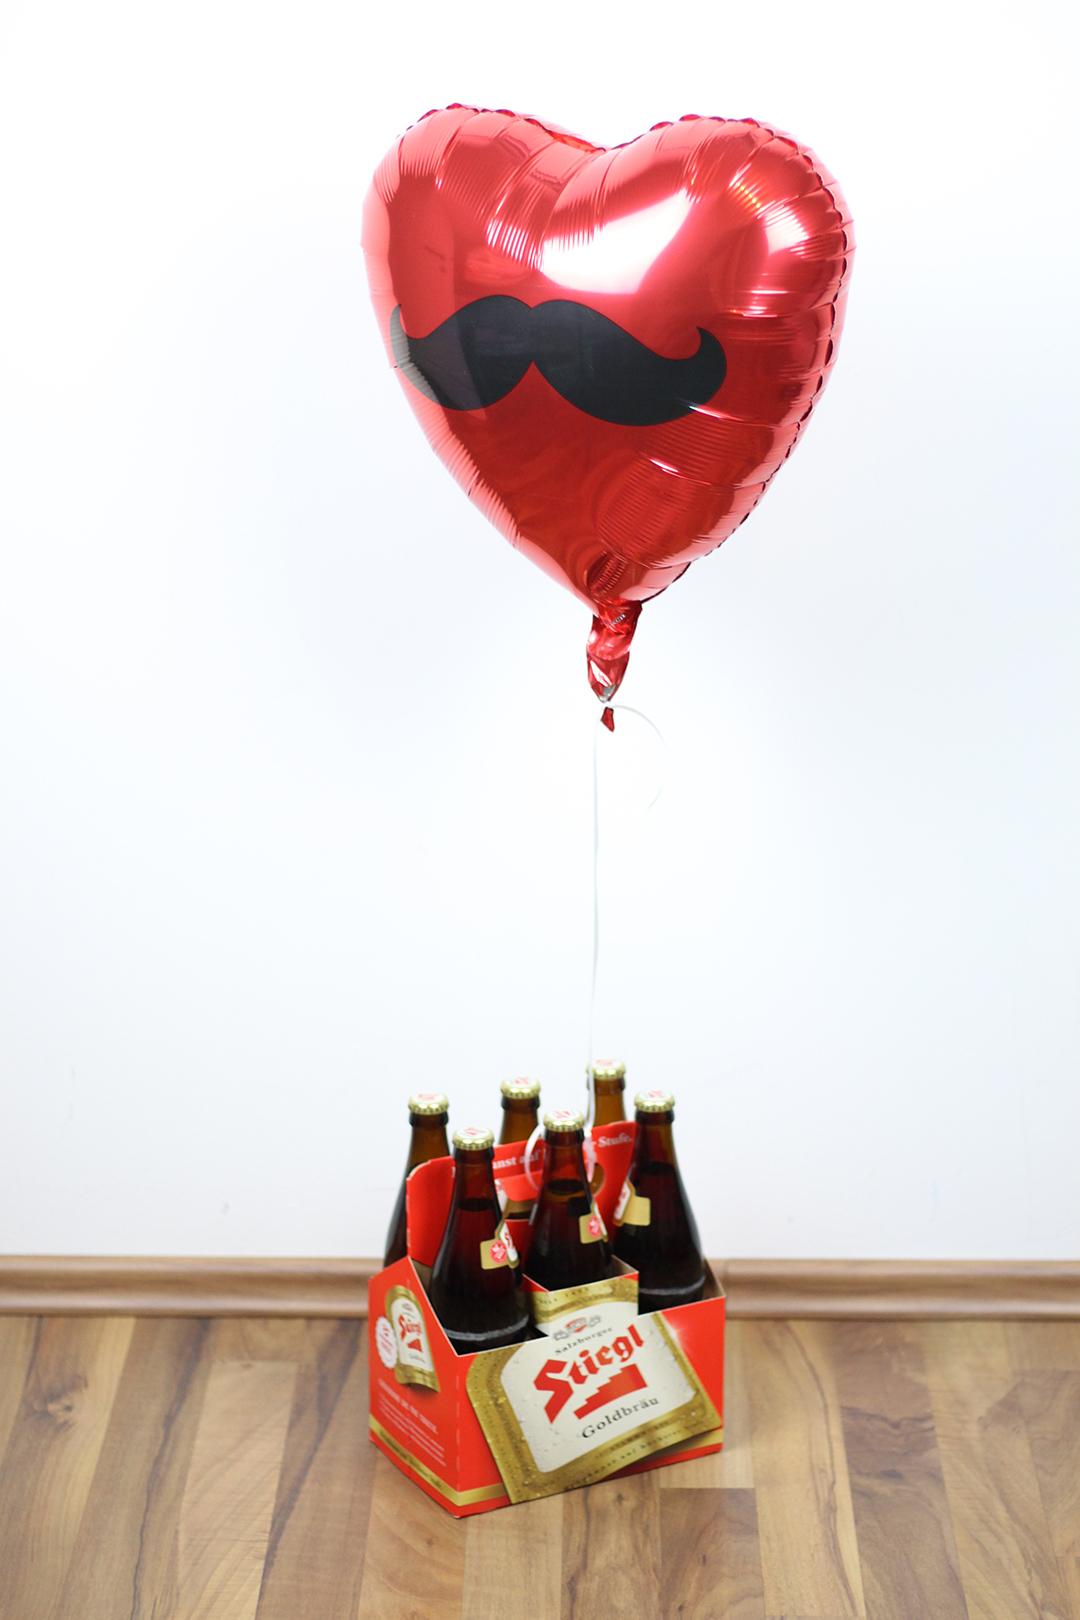 Wie man in Österreich danke sagt, Stiegelbier mit Luftballoon